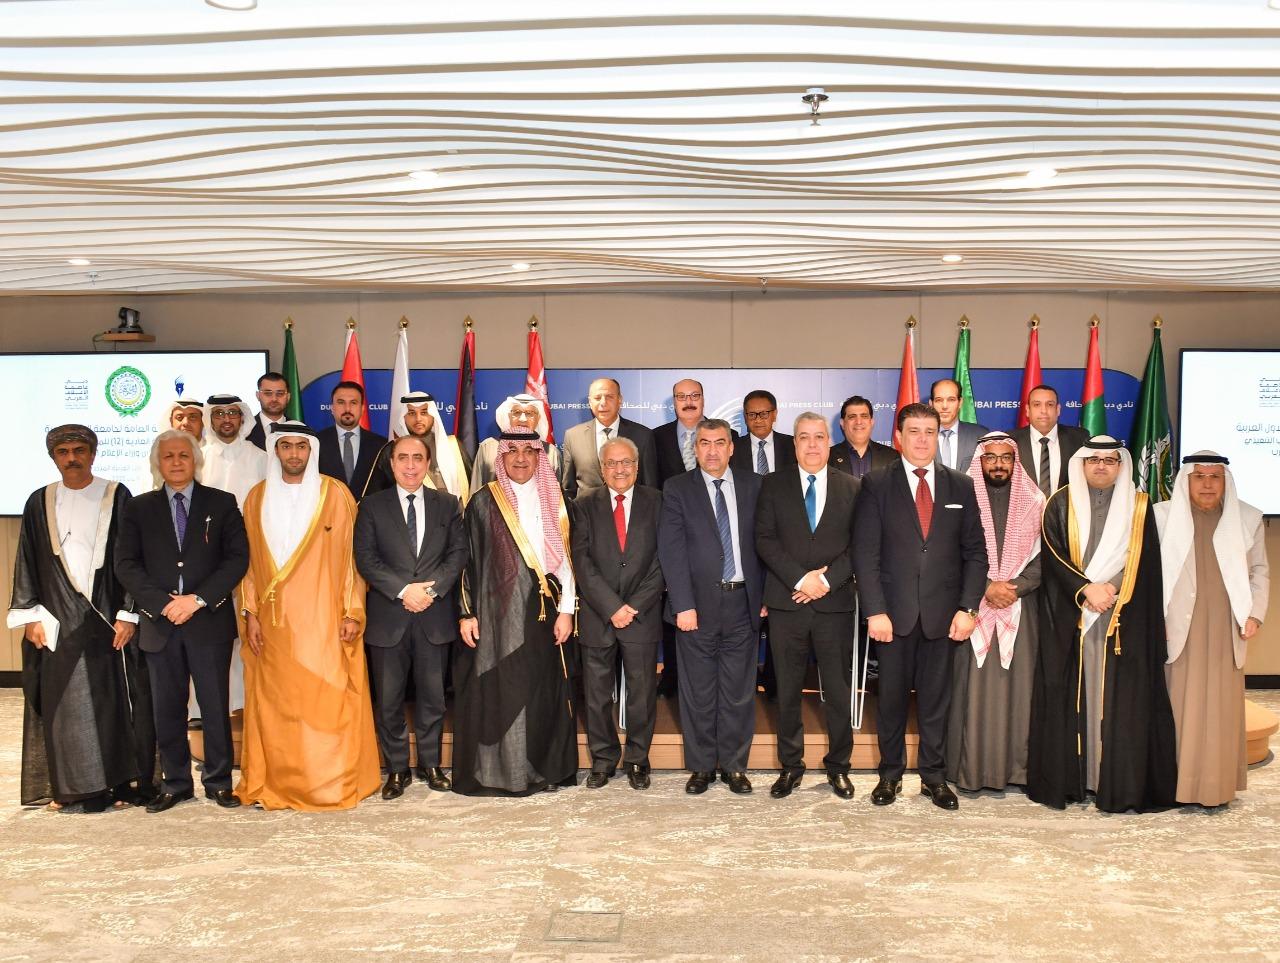 صورة حكومة رقمية ..برنامج عربي تطلقه اللجنة العربية للاعلام